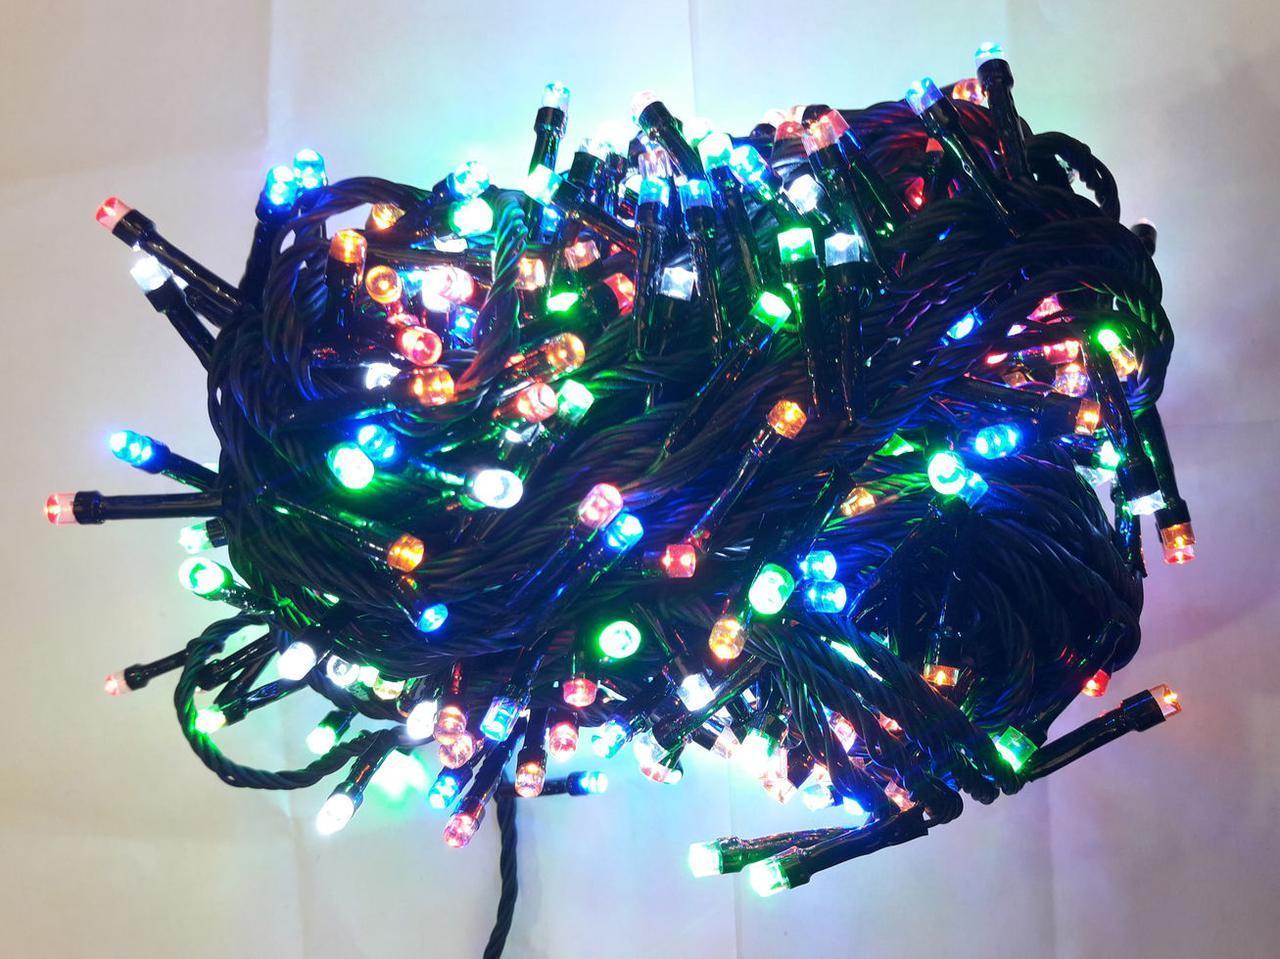 Гирлянда 400 LED 5mm, на черном проводе, Разноцветная